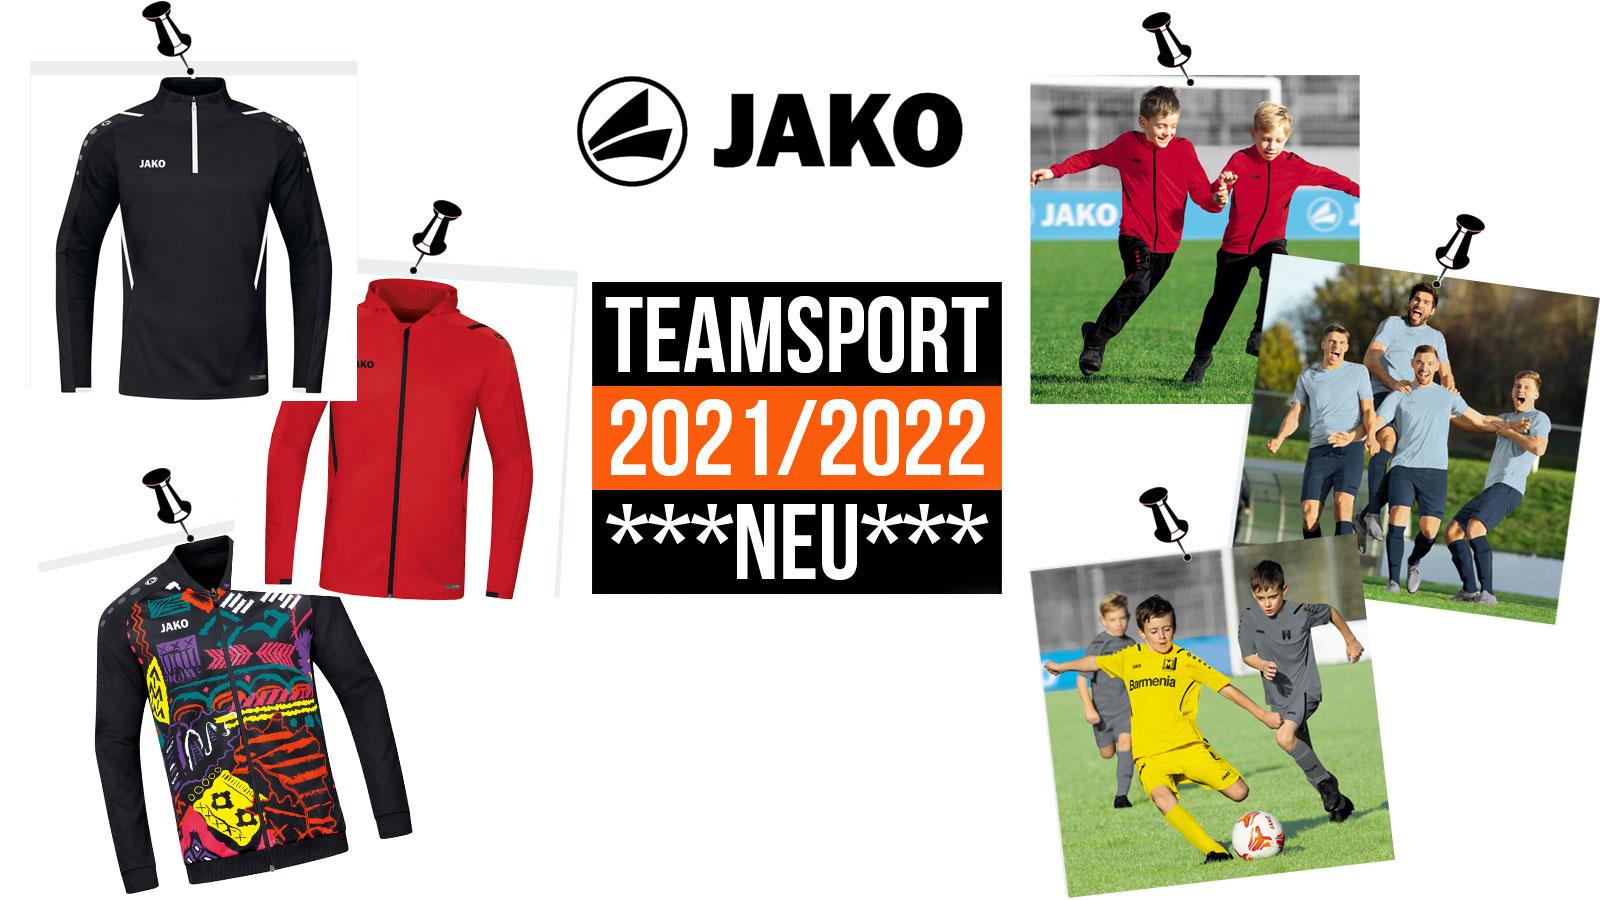 Die Jako Teamsport 2021/2022 Sportbekleidung für den Katalog